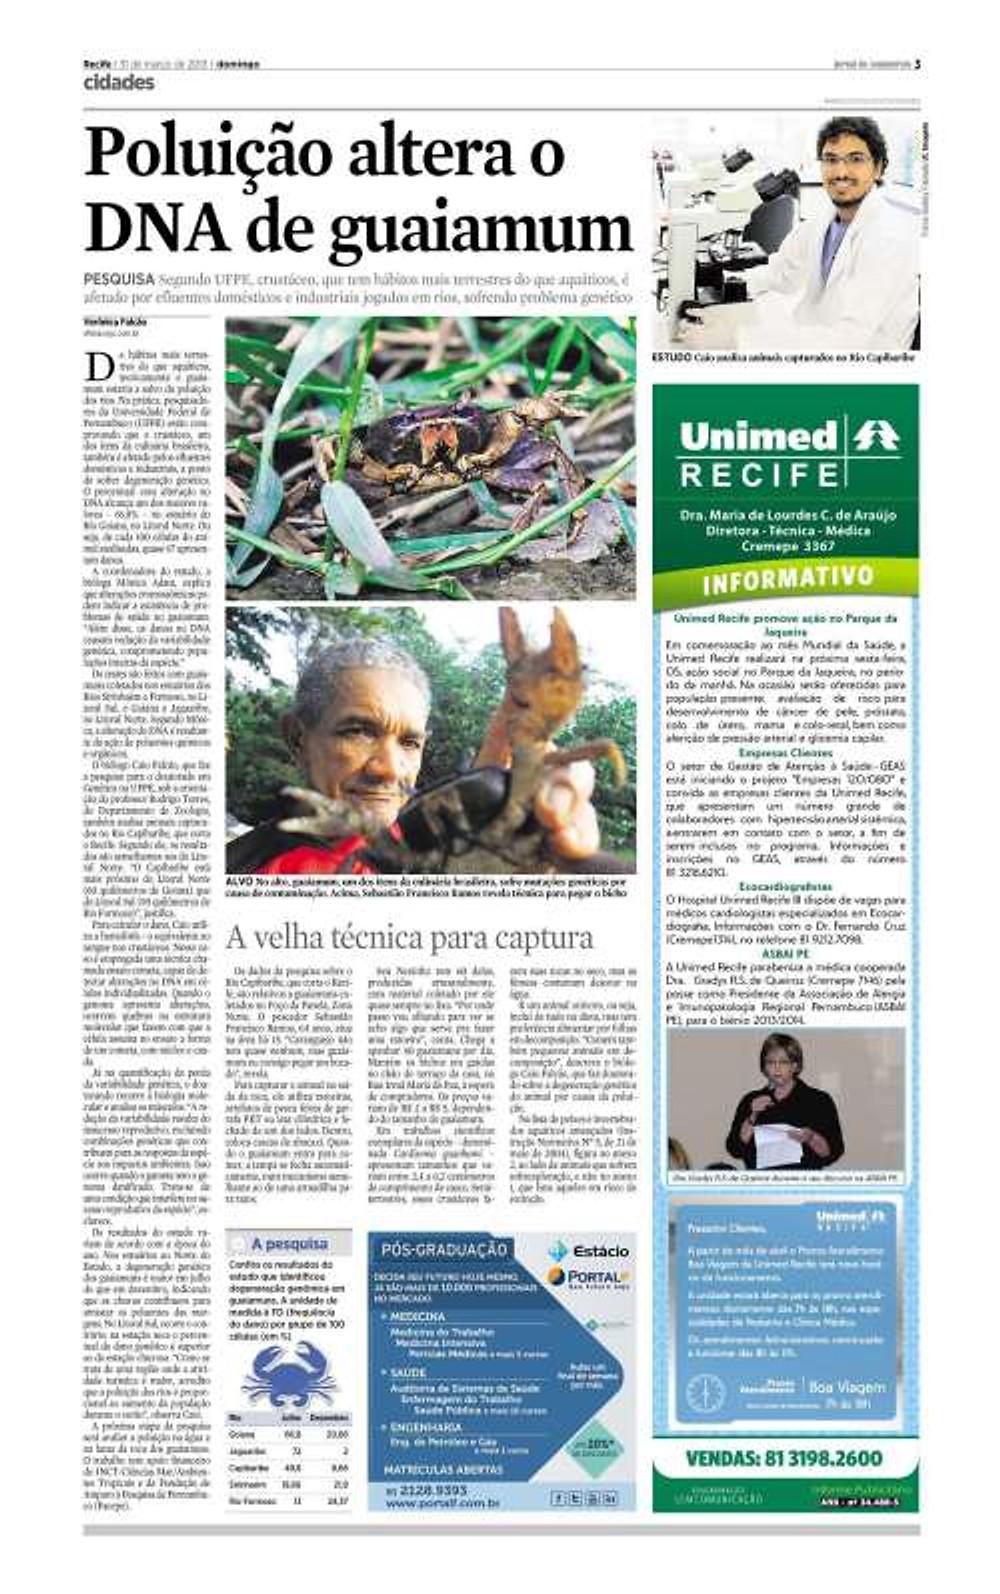 Reportagem do Jornal do Comércio - Recife de 31/03/2013